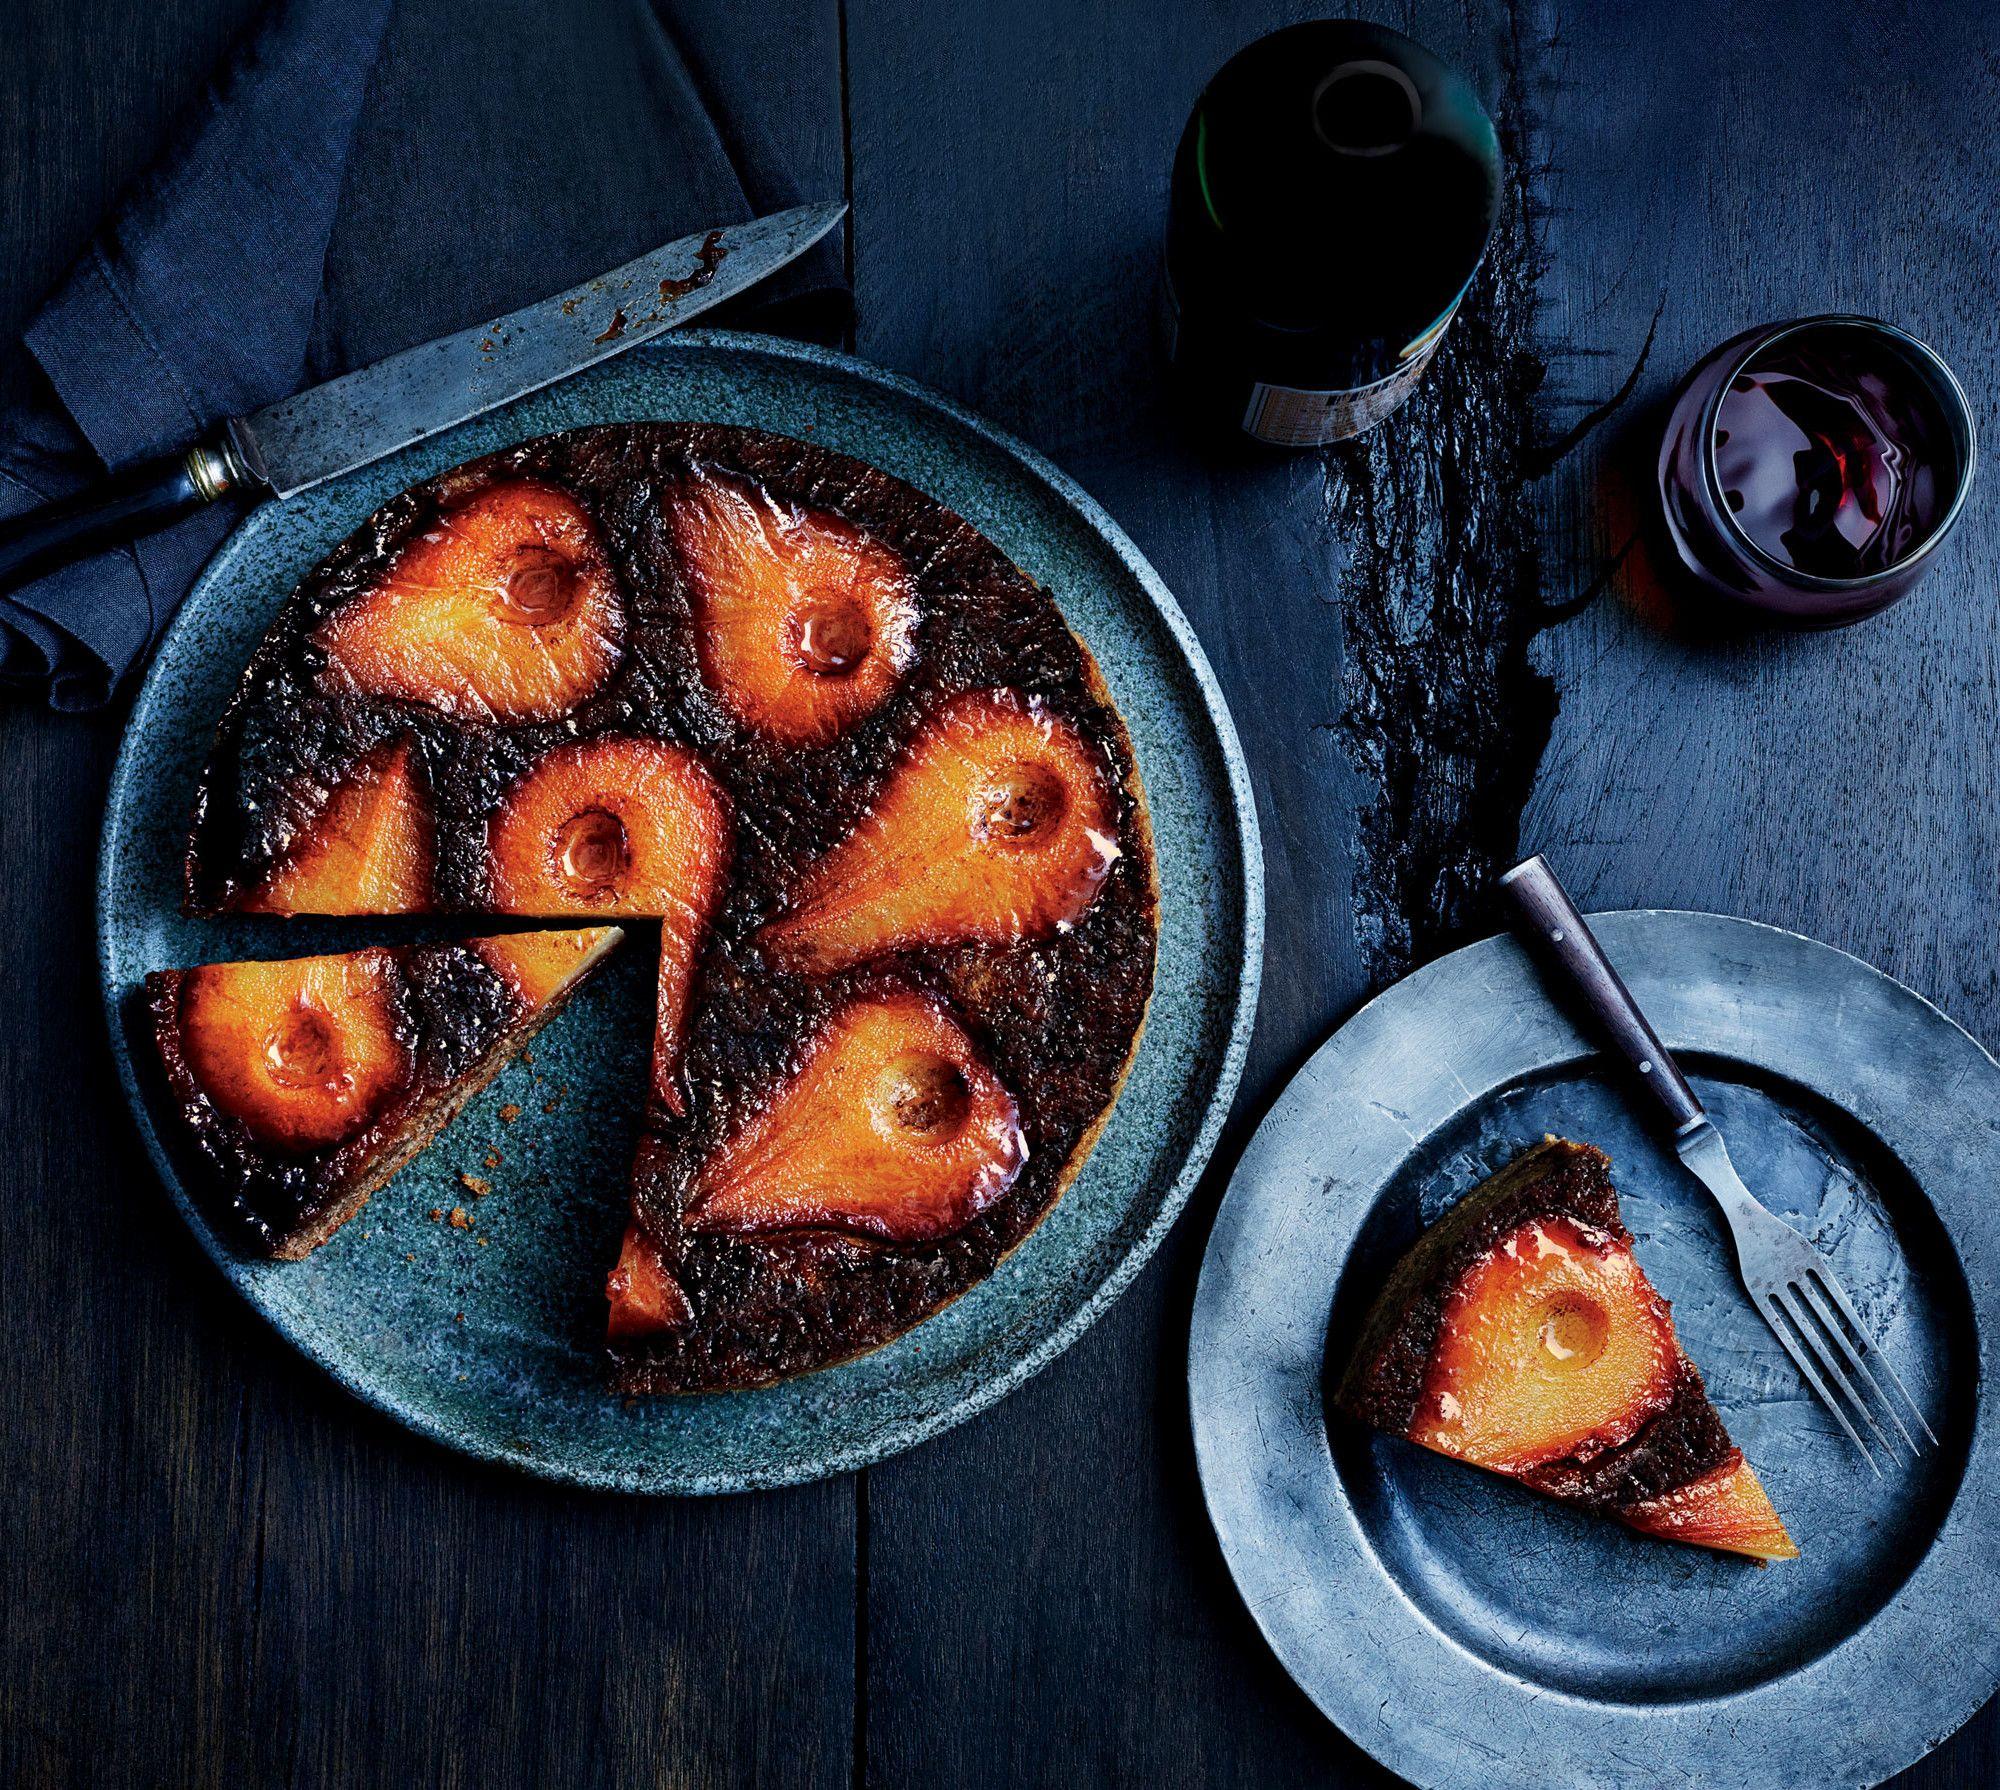 Valmista keikauskakku vaihteeksi päärynästä ja viimeistele se granaattiomenakastikkeella. - bonappetit.com